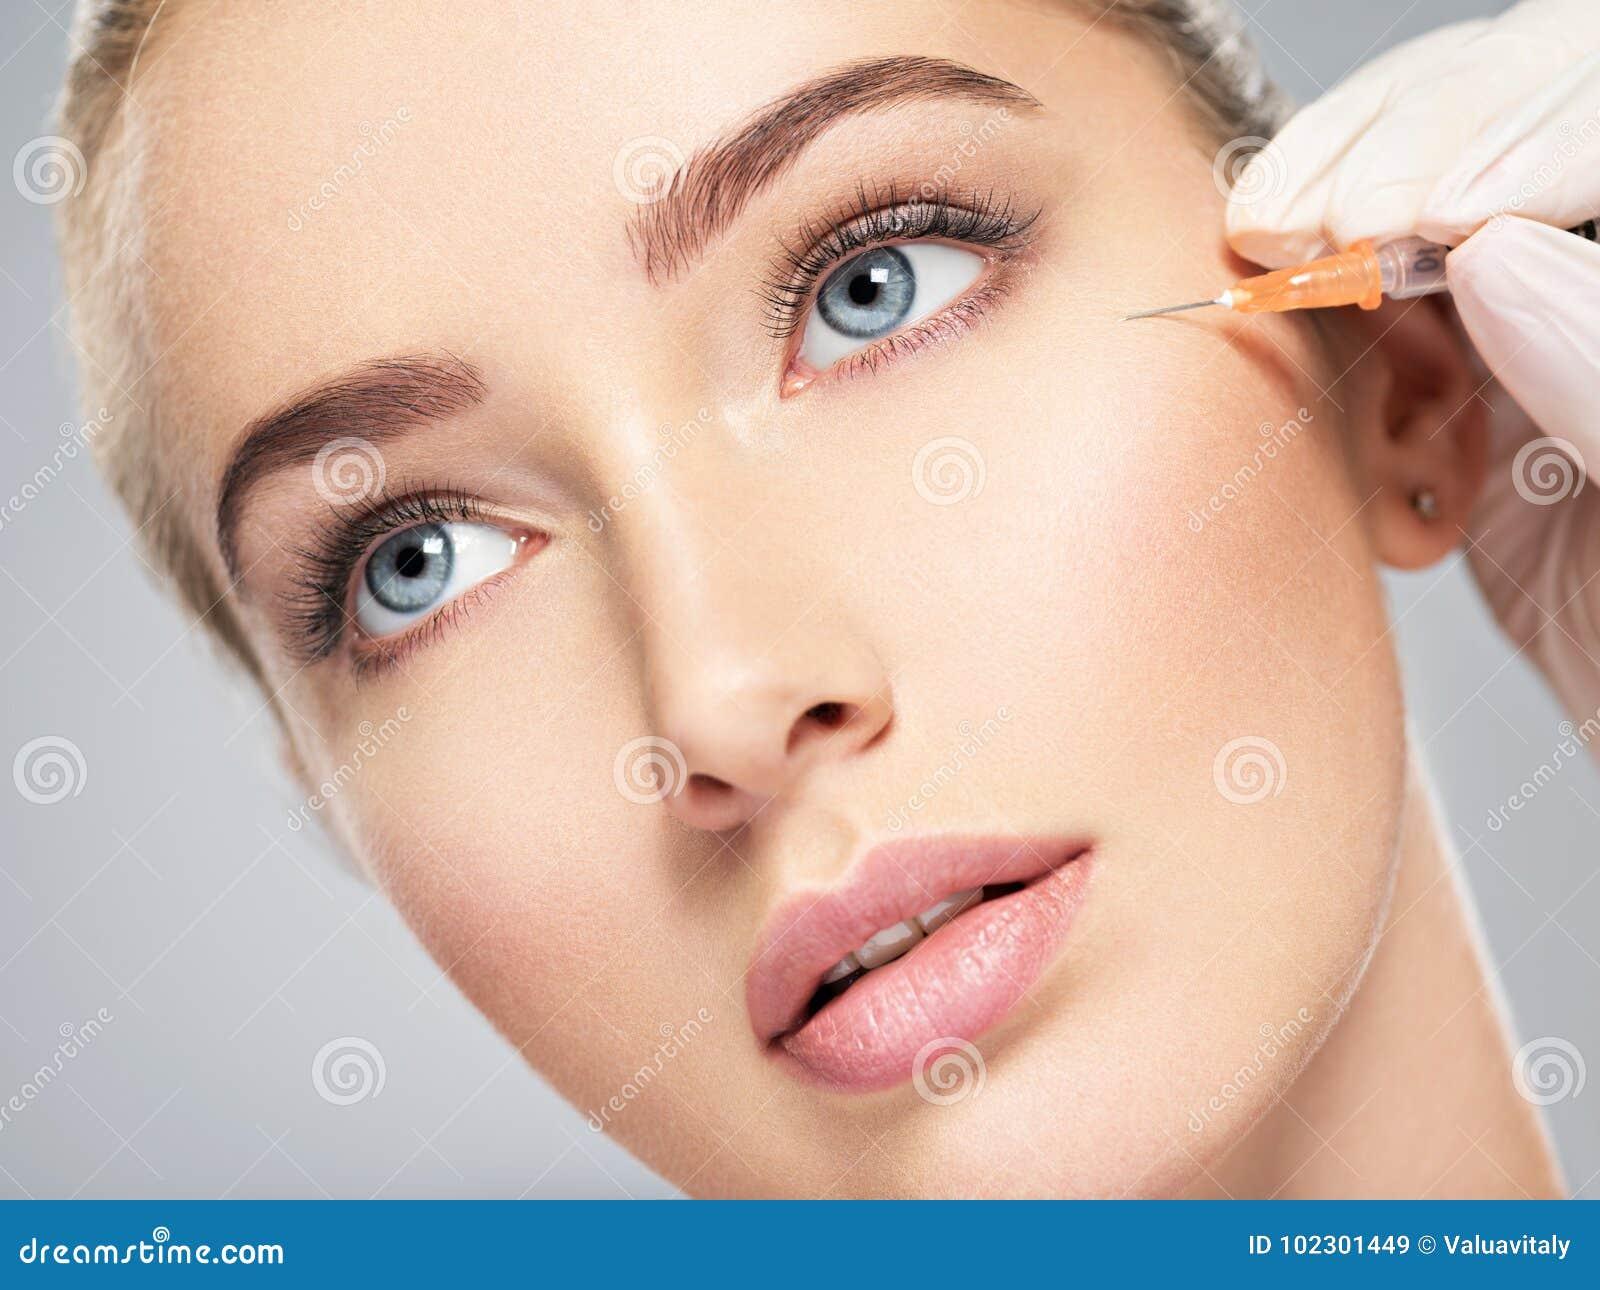 Γυναίκα που παίρνει την καλλυντική έγχυση του botox κοντά στα μάτια